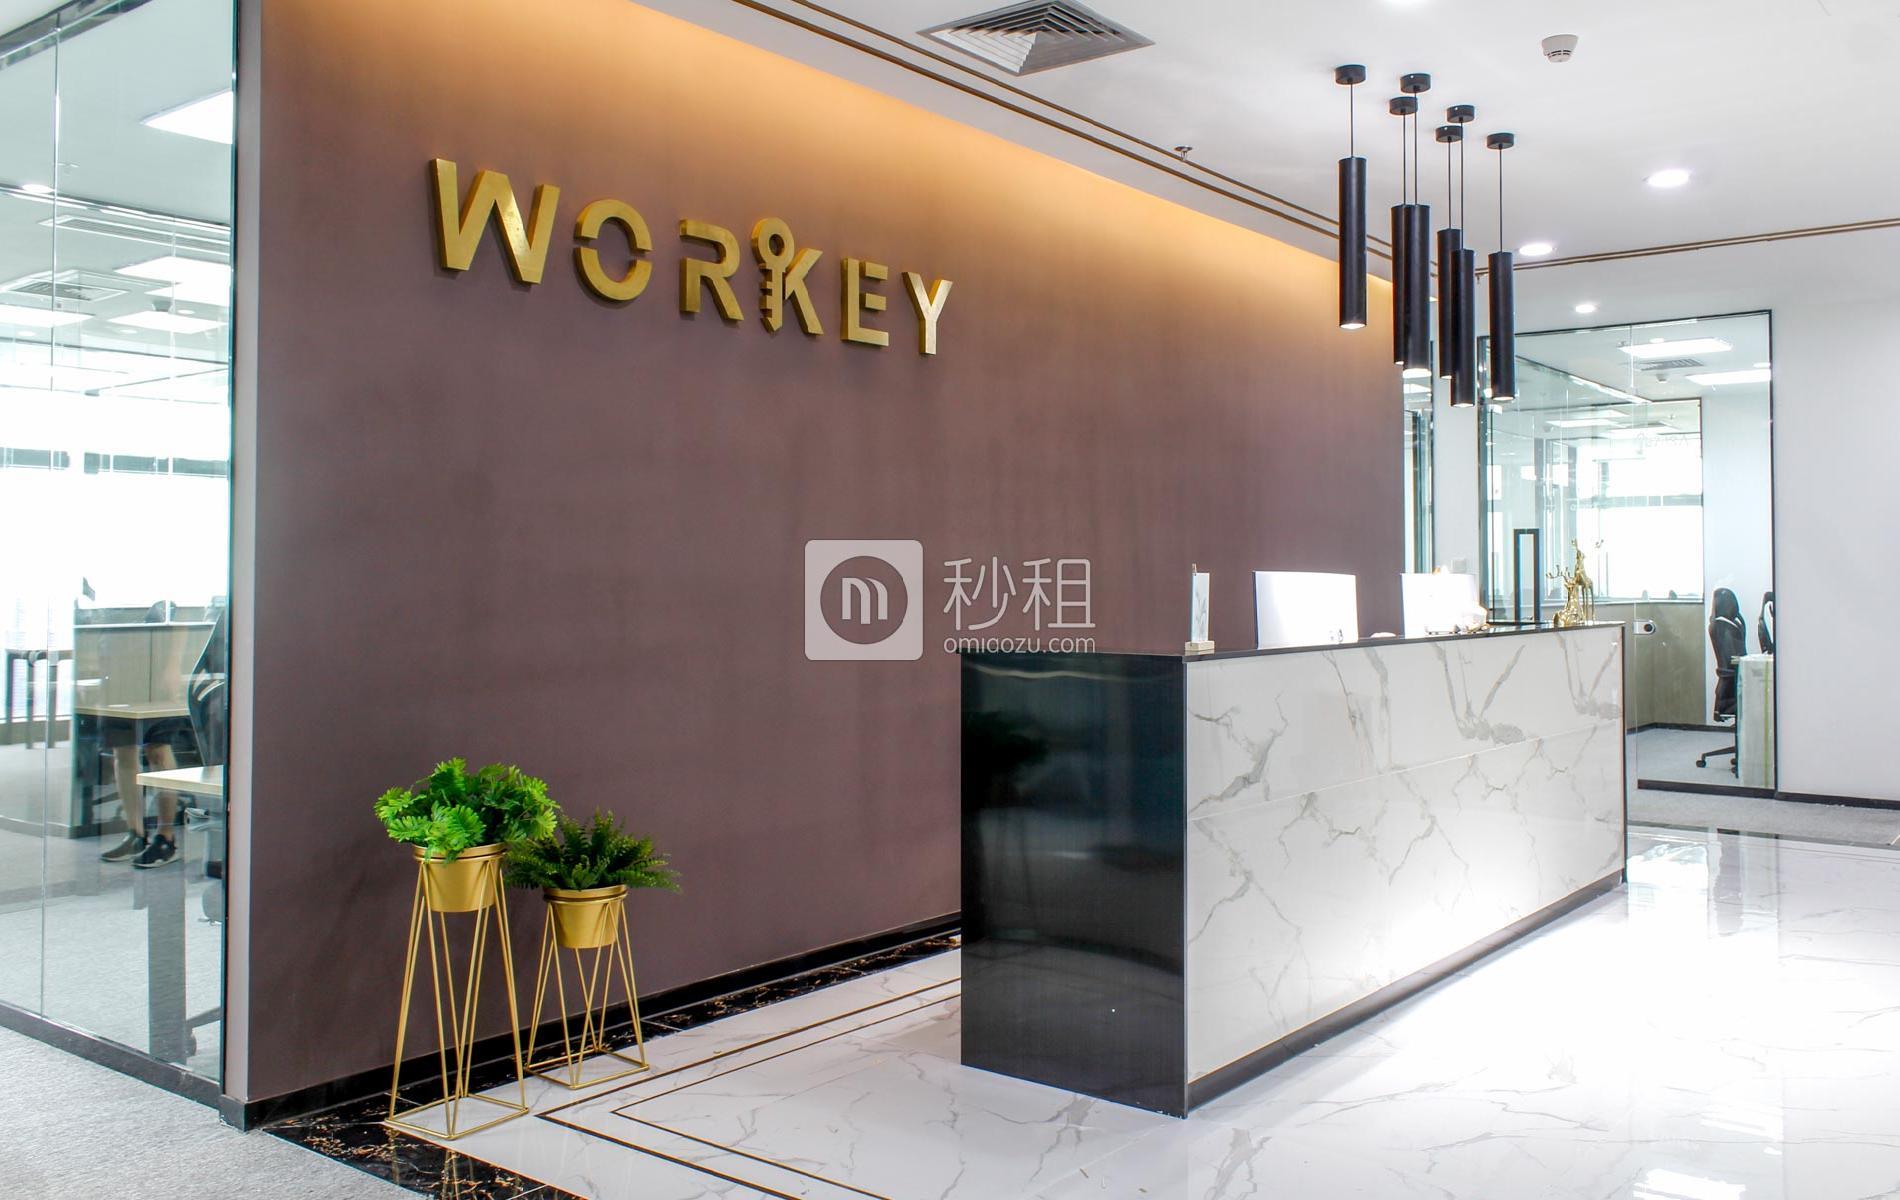 WORKEY钥匙空间-深圳湾科技生态园